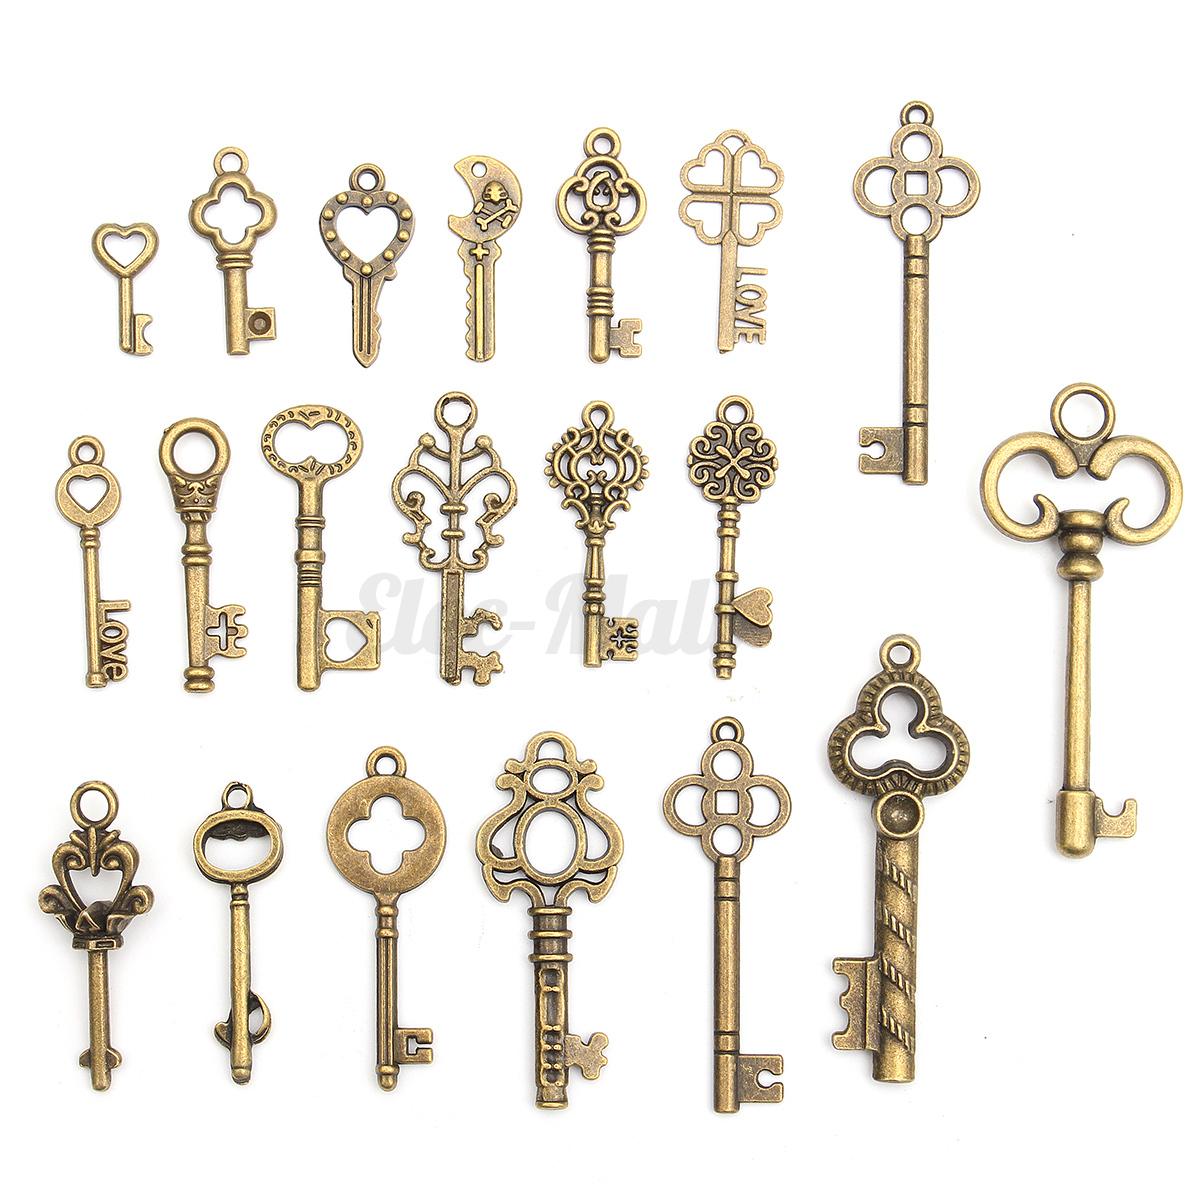 Set of 20 Antique Vintage Old Look Bronze Skeleton Keys Fancy Heart Bow Pendant